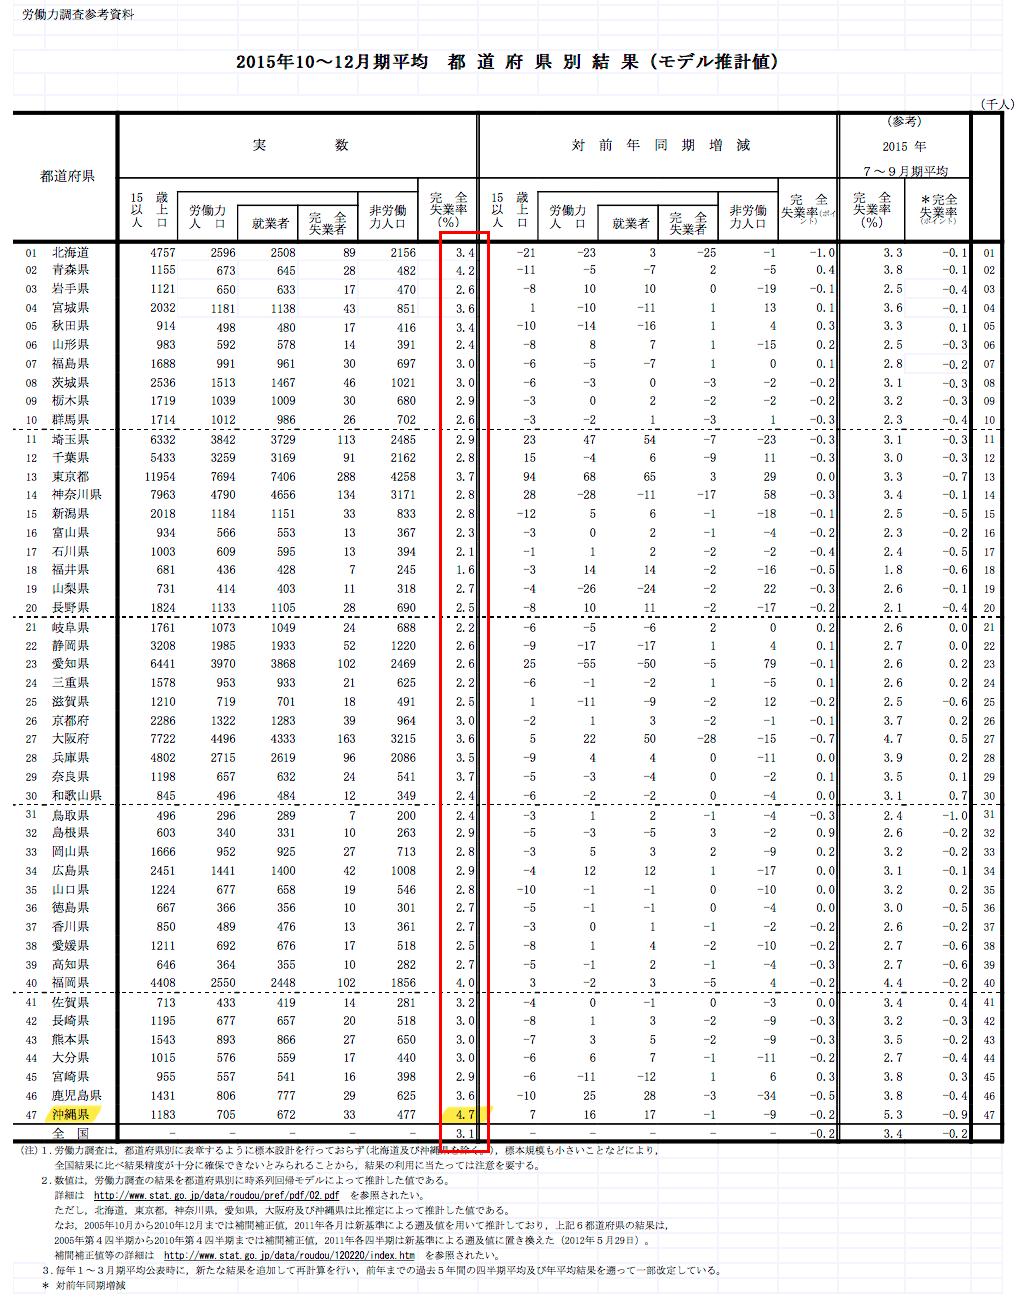 都道府県別結果(モデル推計値)-最新四半期平均結果